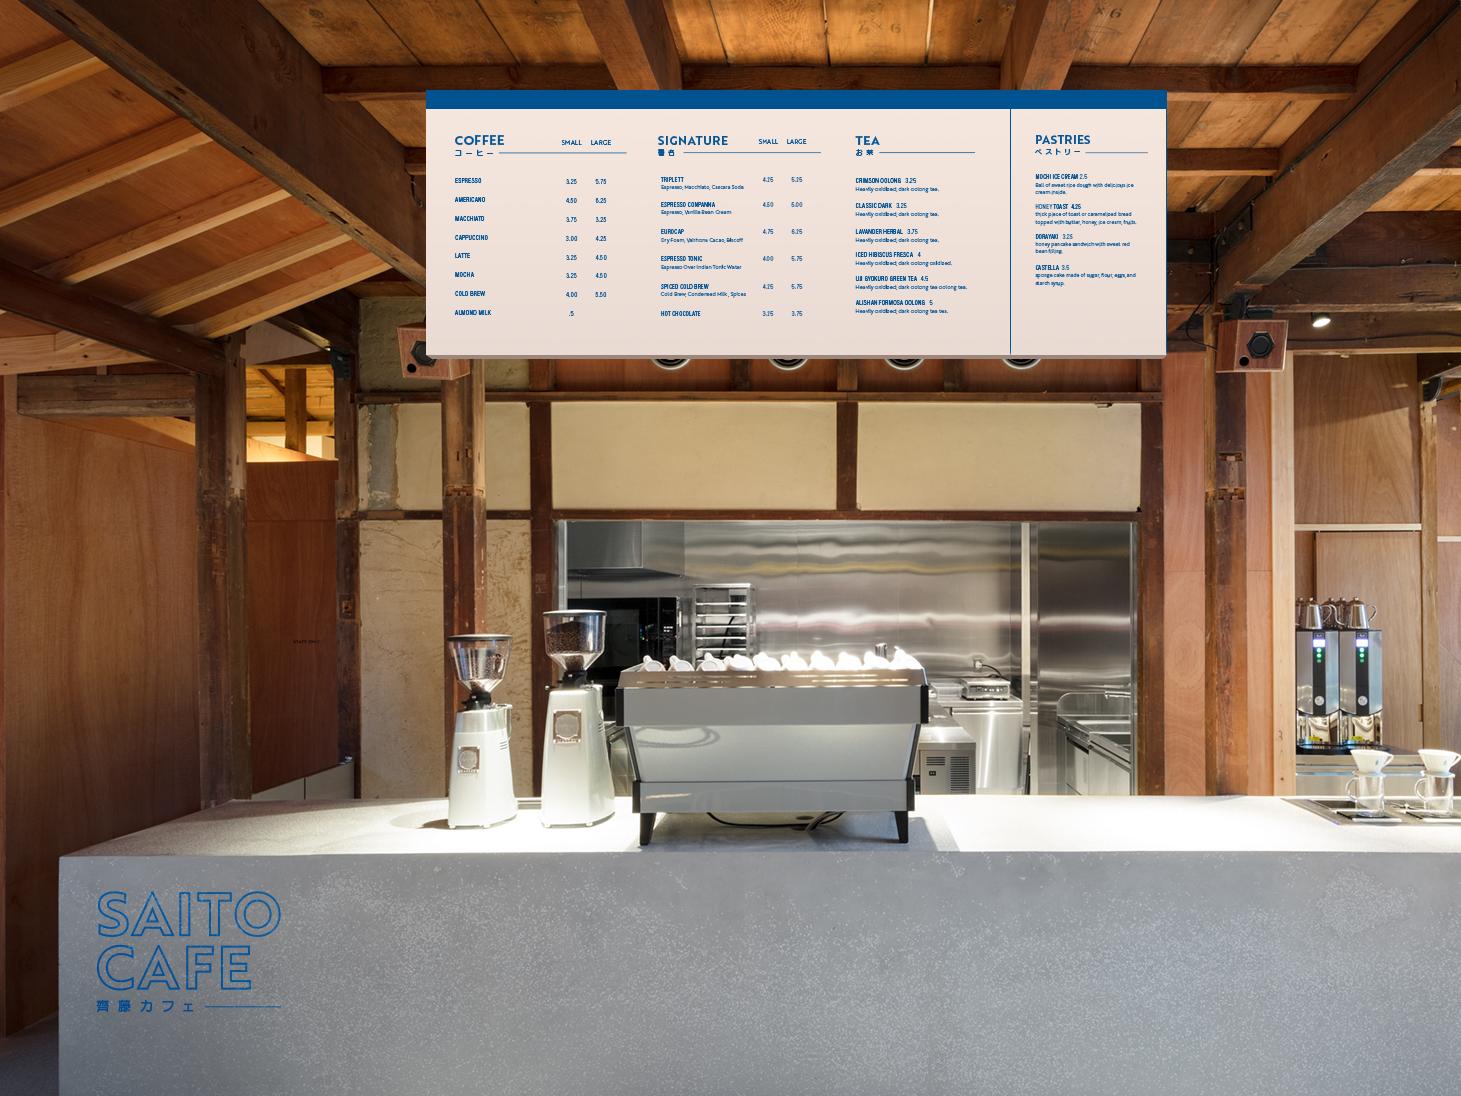 menu-board.png